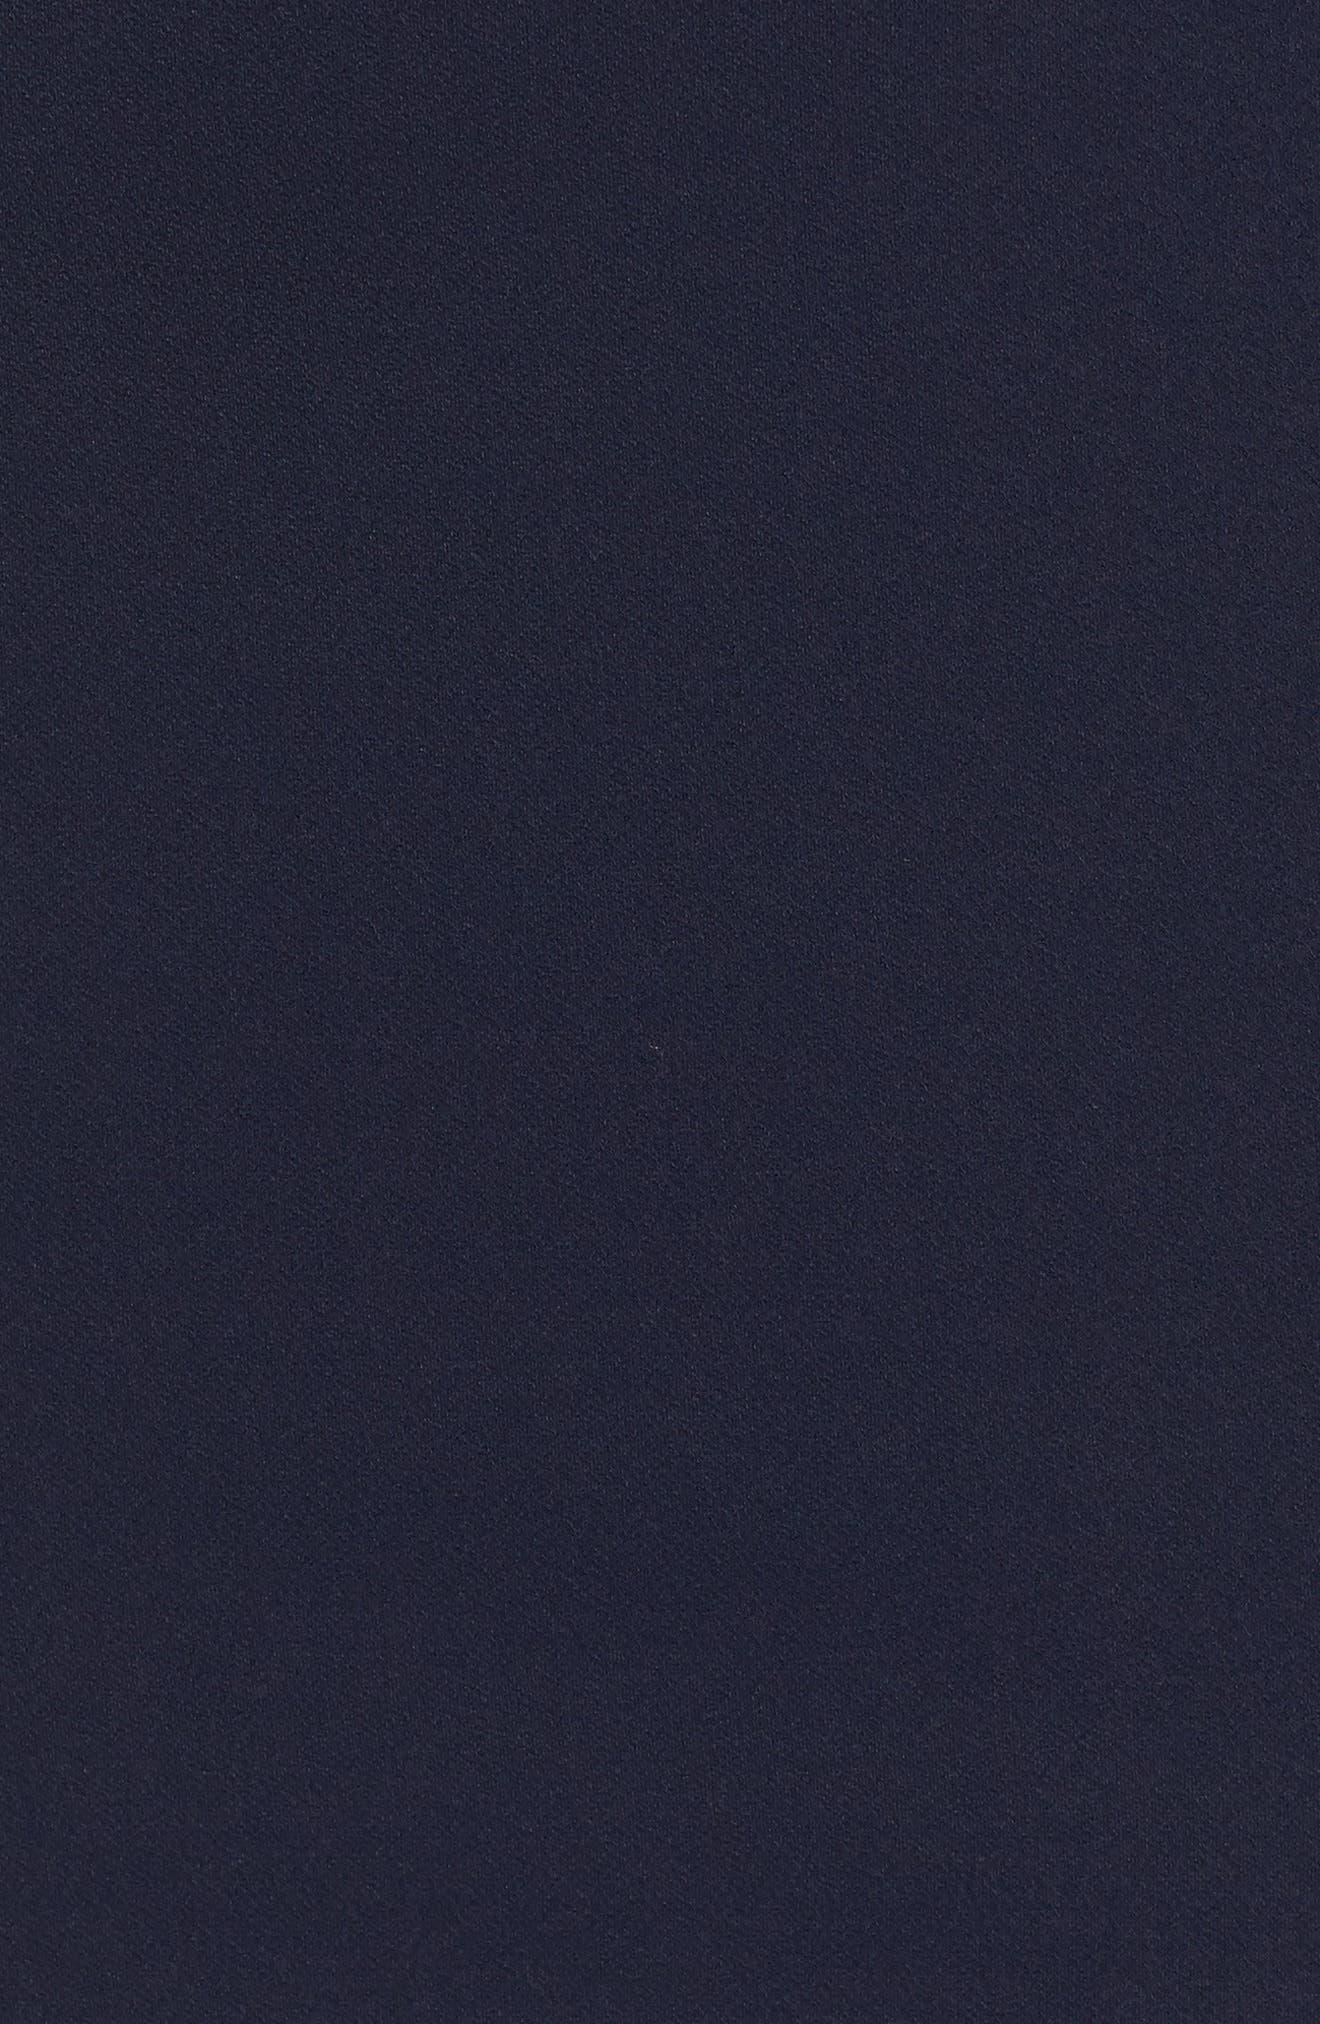 Ruffle Sleeve Scuba Shift Dress,                             Alternate thumbnail 6, color,                             410